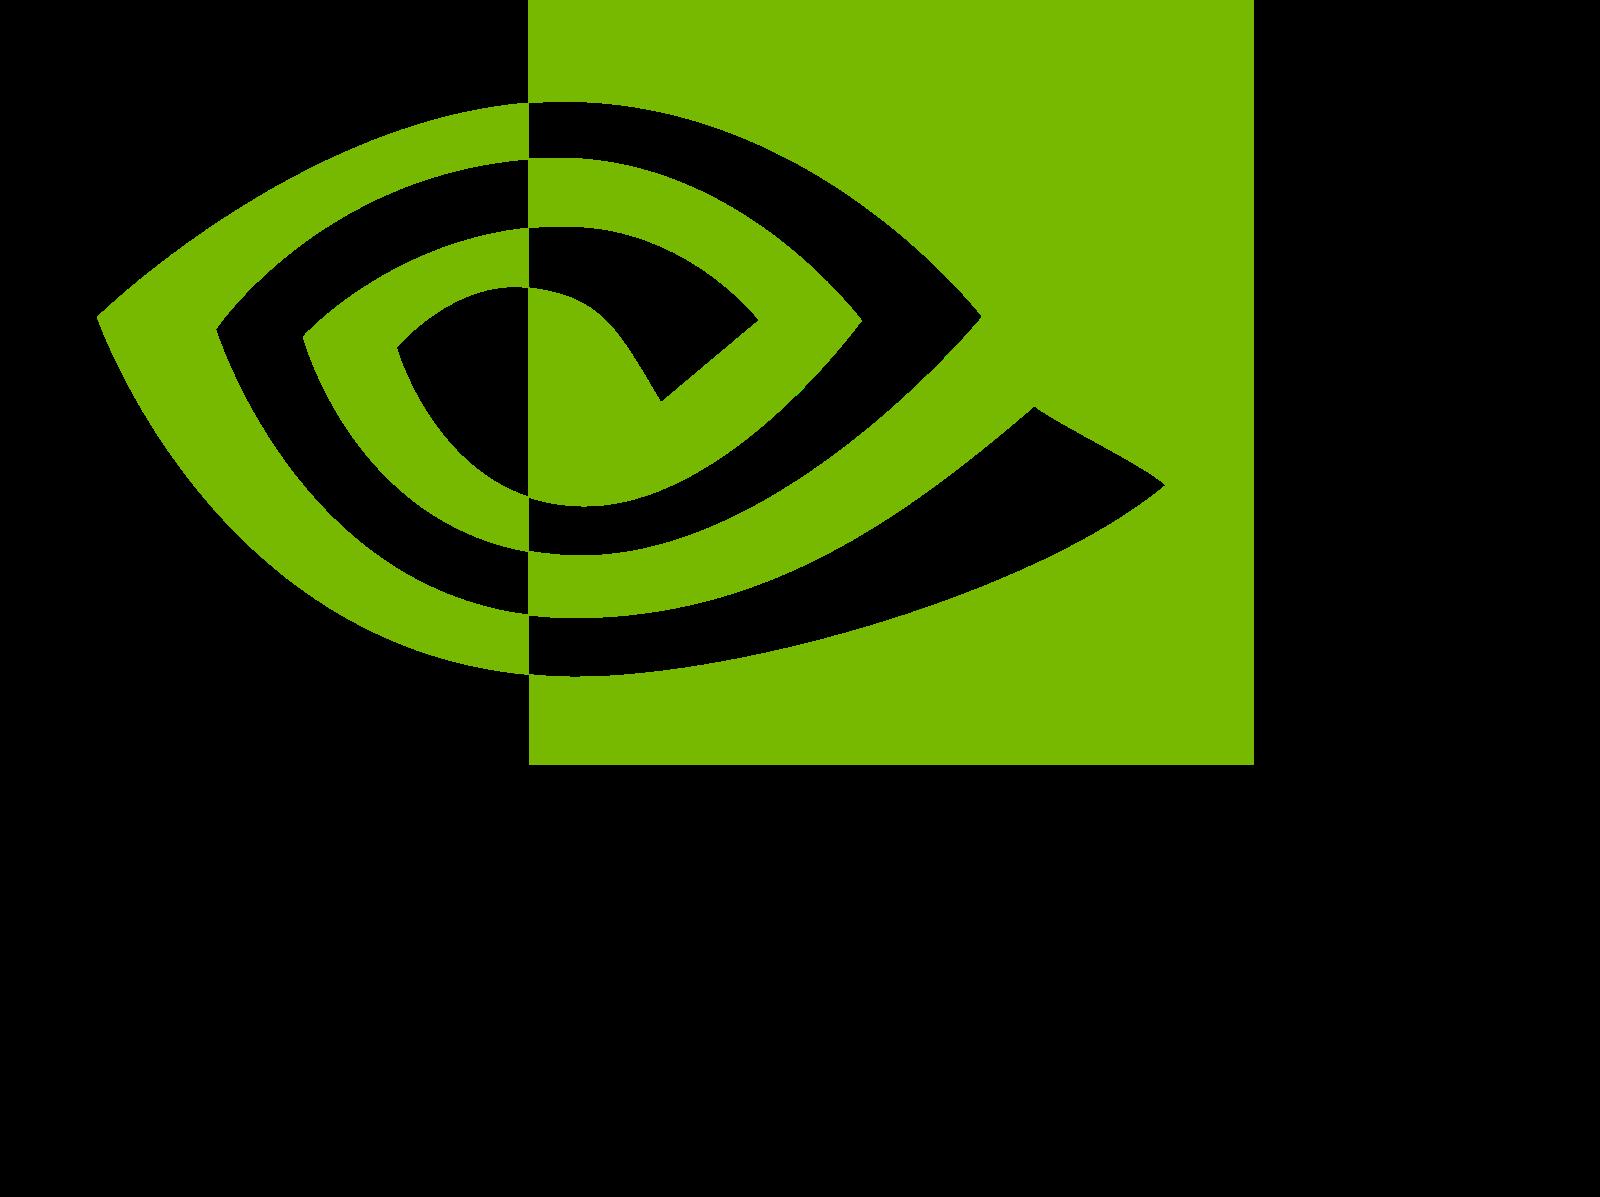 nvidia-logo-5